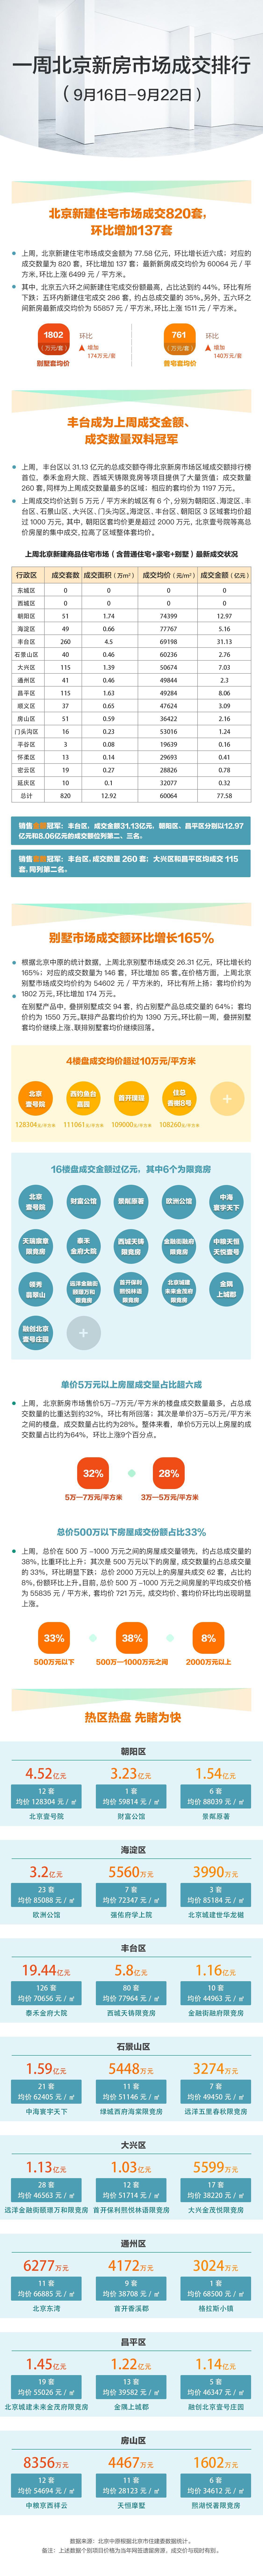 谭允芝:中小微企业占了全球企业90%